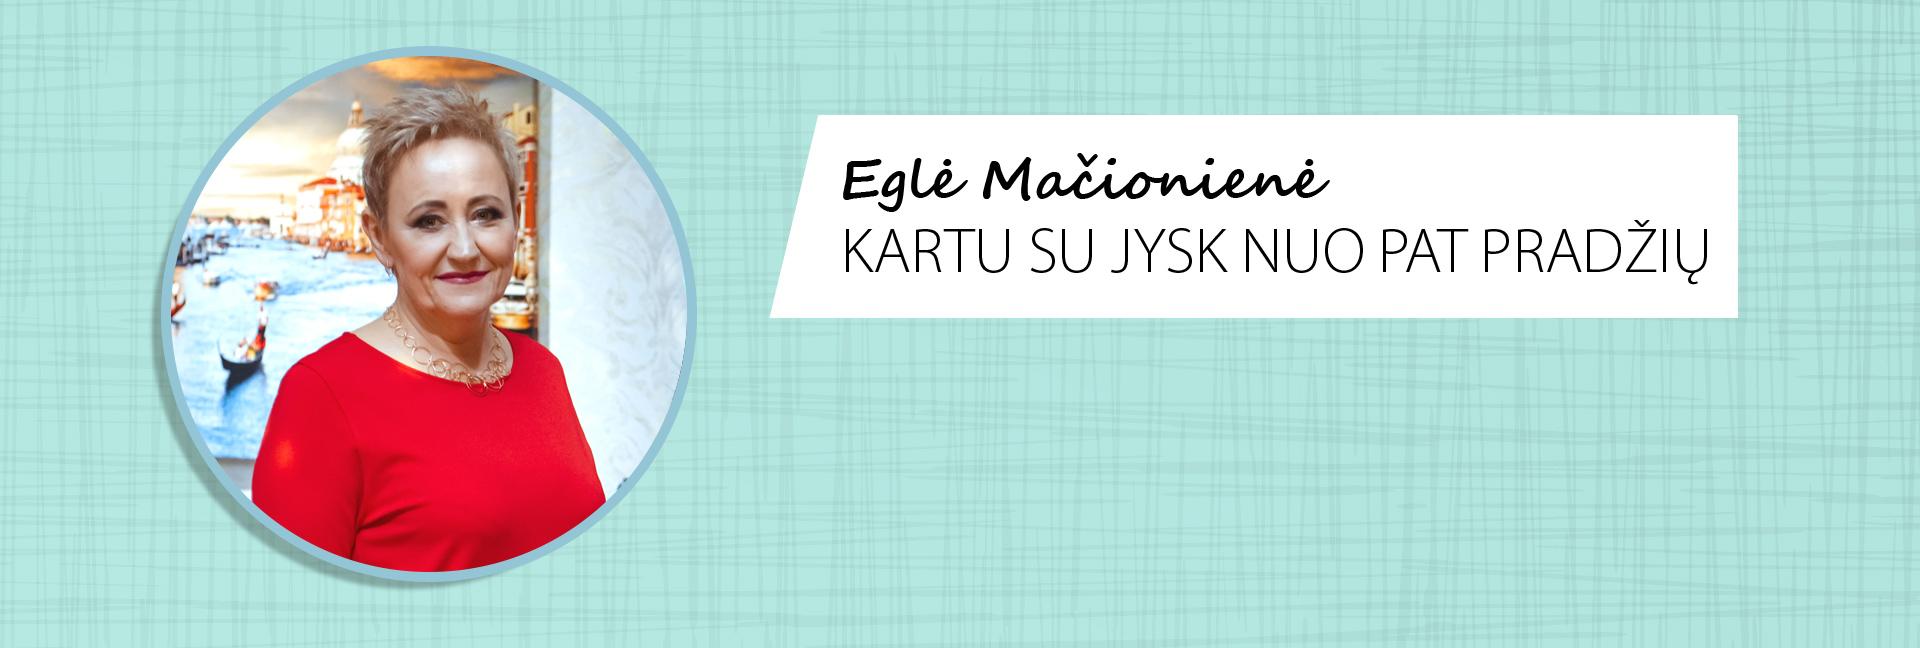 Blog_Egle_LT_2